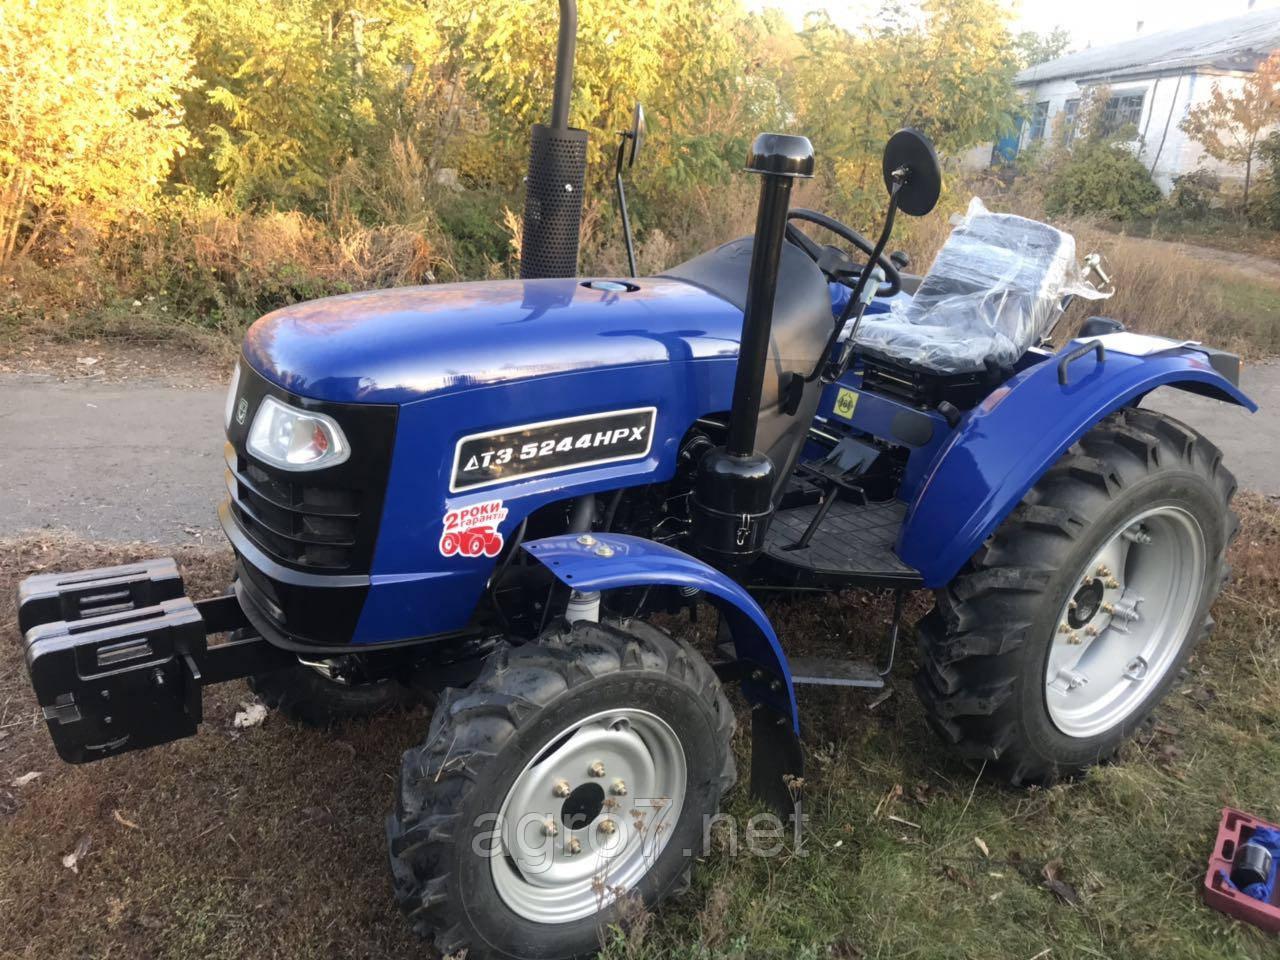 Трактор с доставкой ДТЗ 5244НPX (4х4, 24 л.с., ГУР)